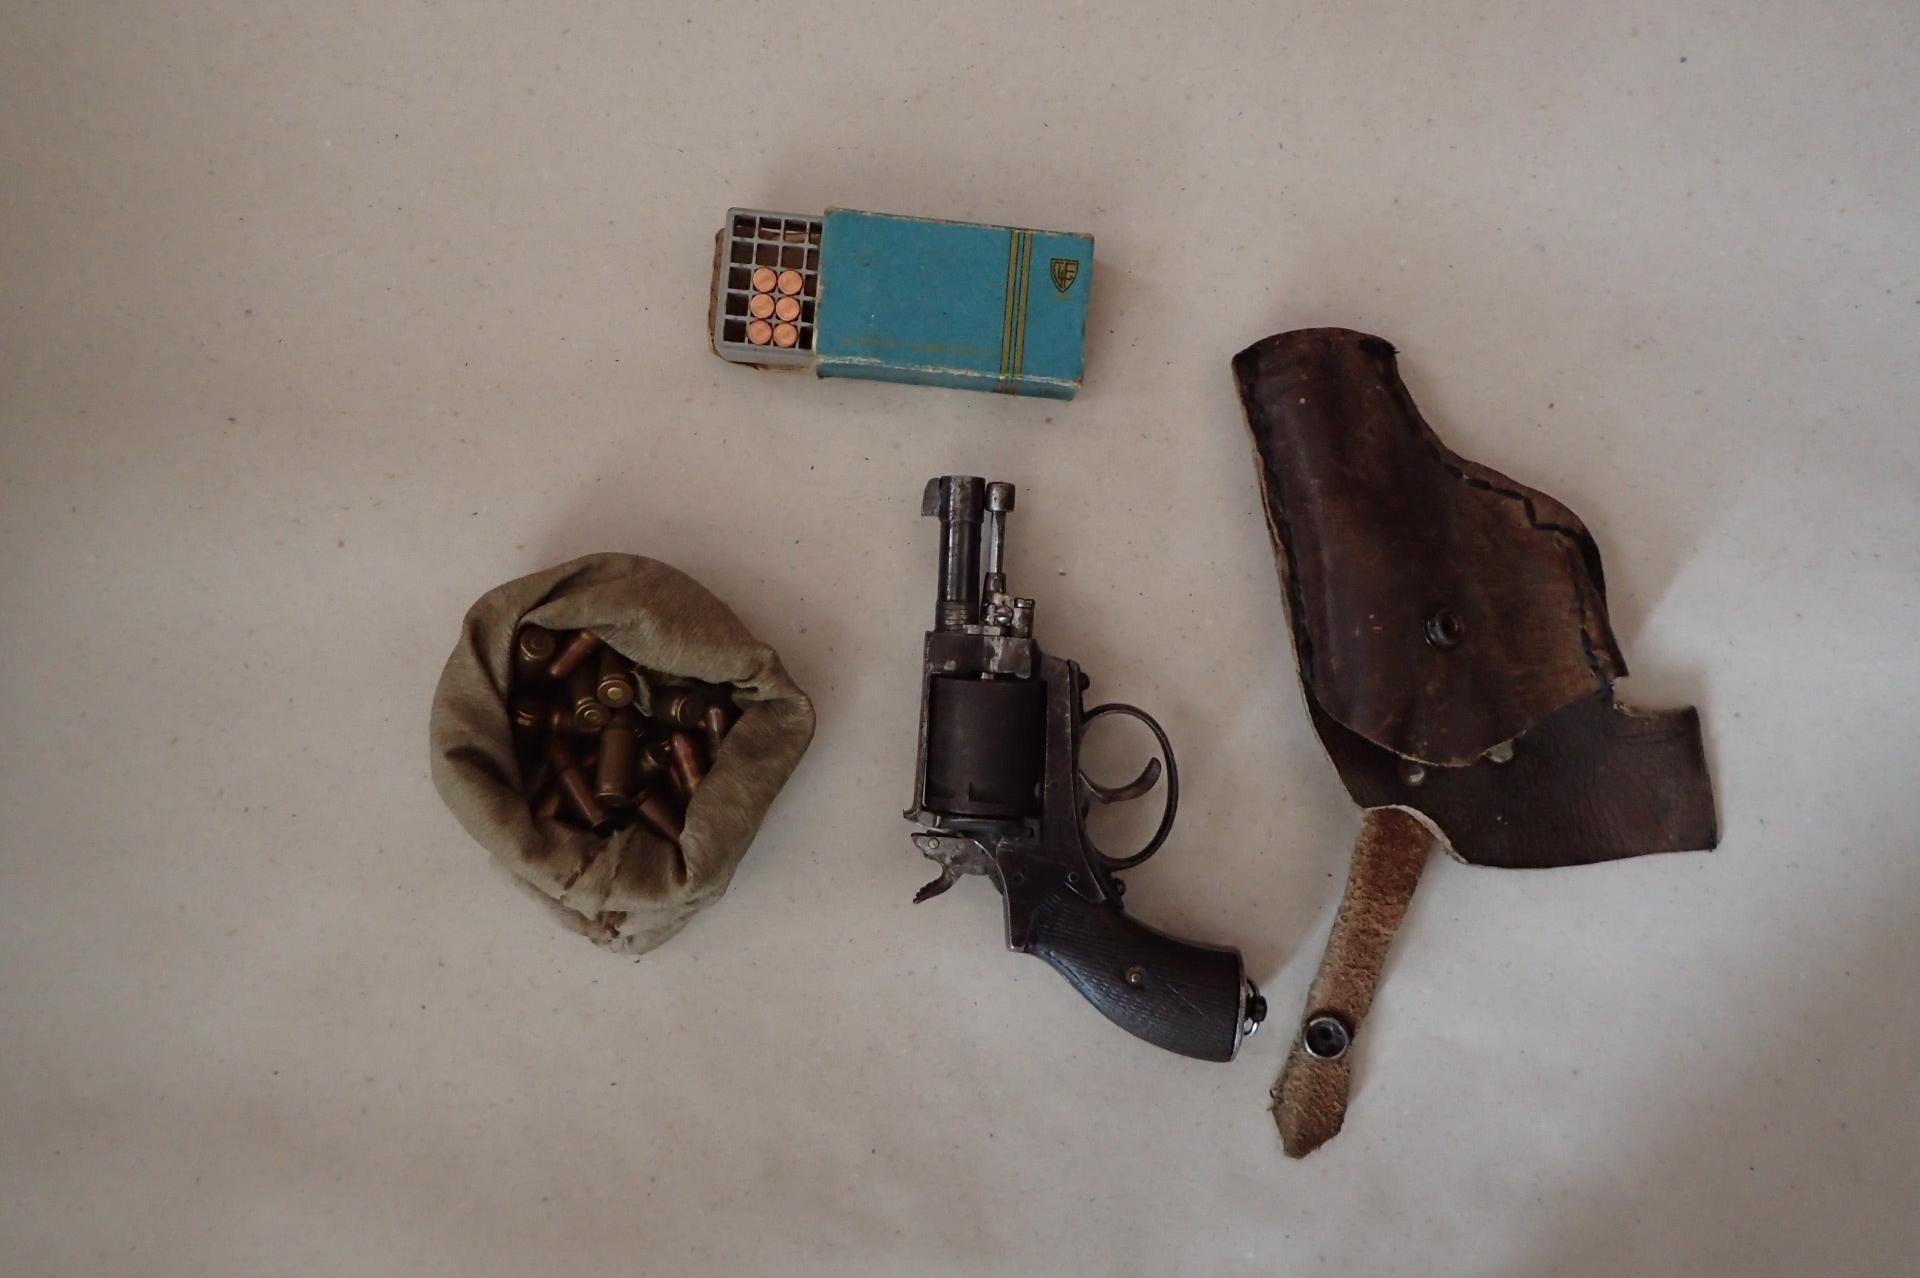 В частен имот в Момин проход намериха незаконен боен арсенал